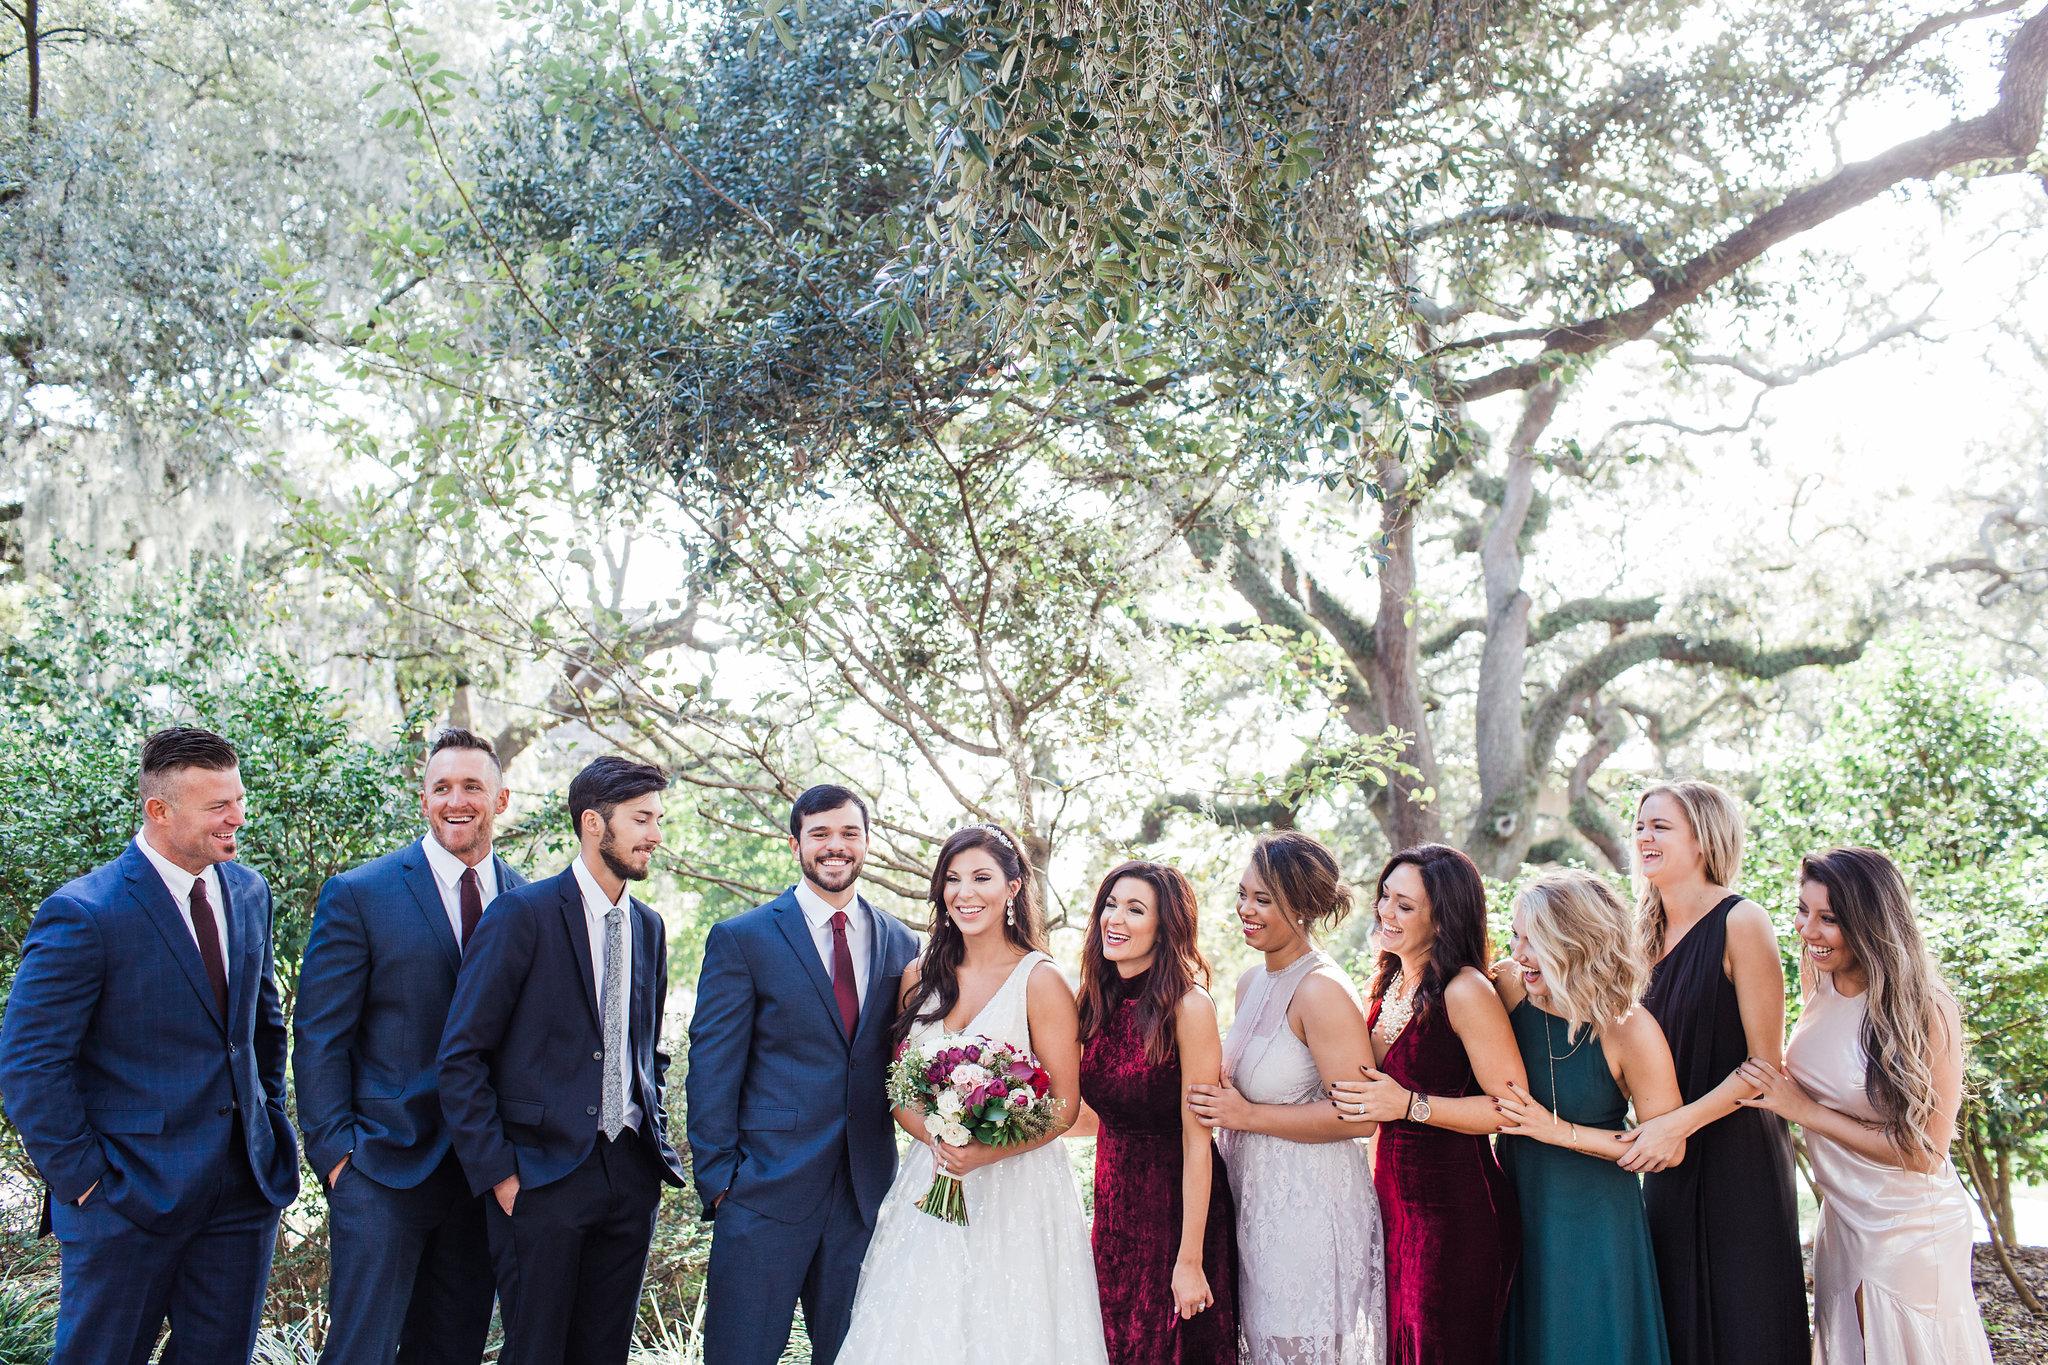 apt-b-photography-lindsey-shawn-Savannah-wedding-photographer-savannah-elopement-photographer-historic-savannah-elopement-savannah-weddings-hilton-head-wedding-photographer-jekyll-island-wedding-photographer-12.jpg